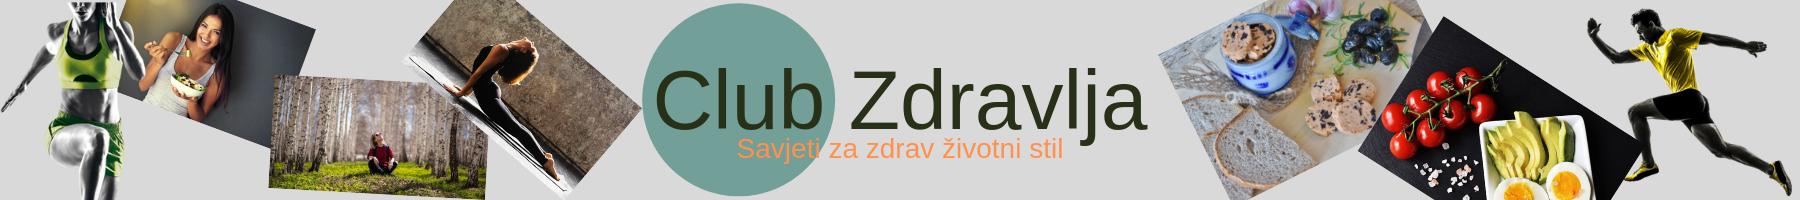 Club Zdravlja